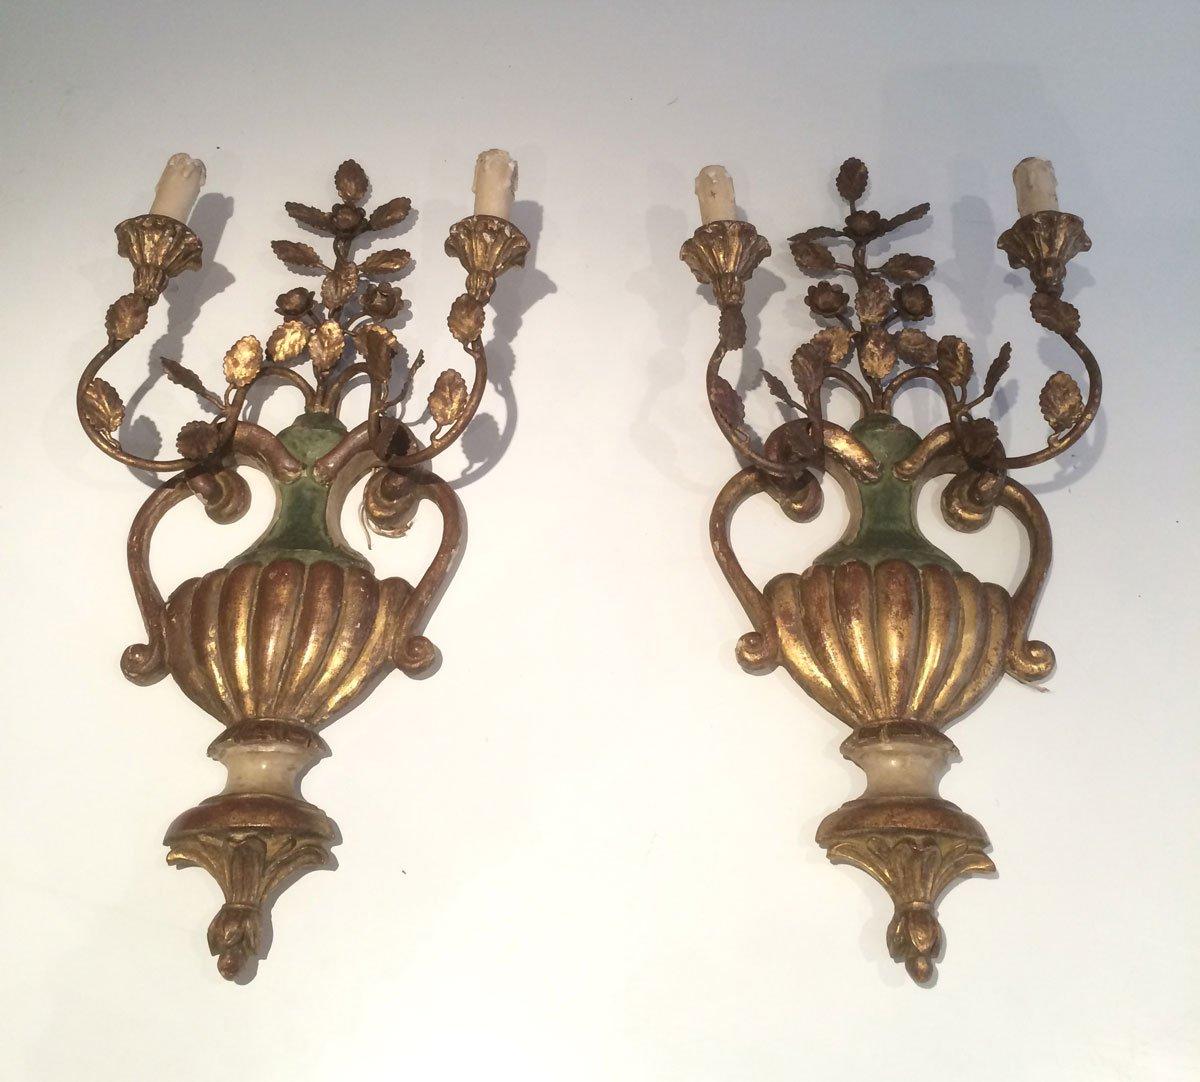 aus holz geschnitzte vergoldete vintage wandleuchten italien 2er set bei pamono kaufen. Black Bedroom Furniture Sets. Home Design Ideas